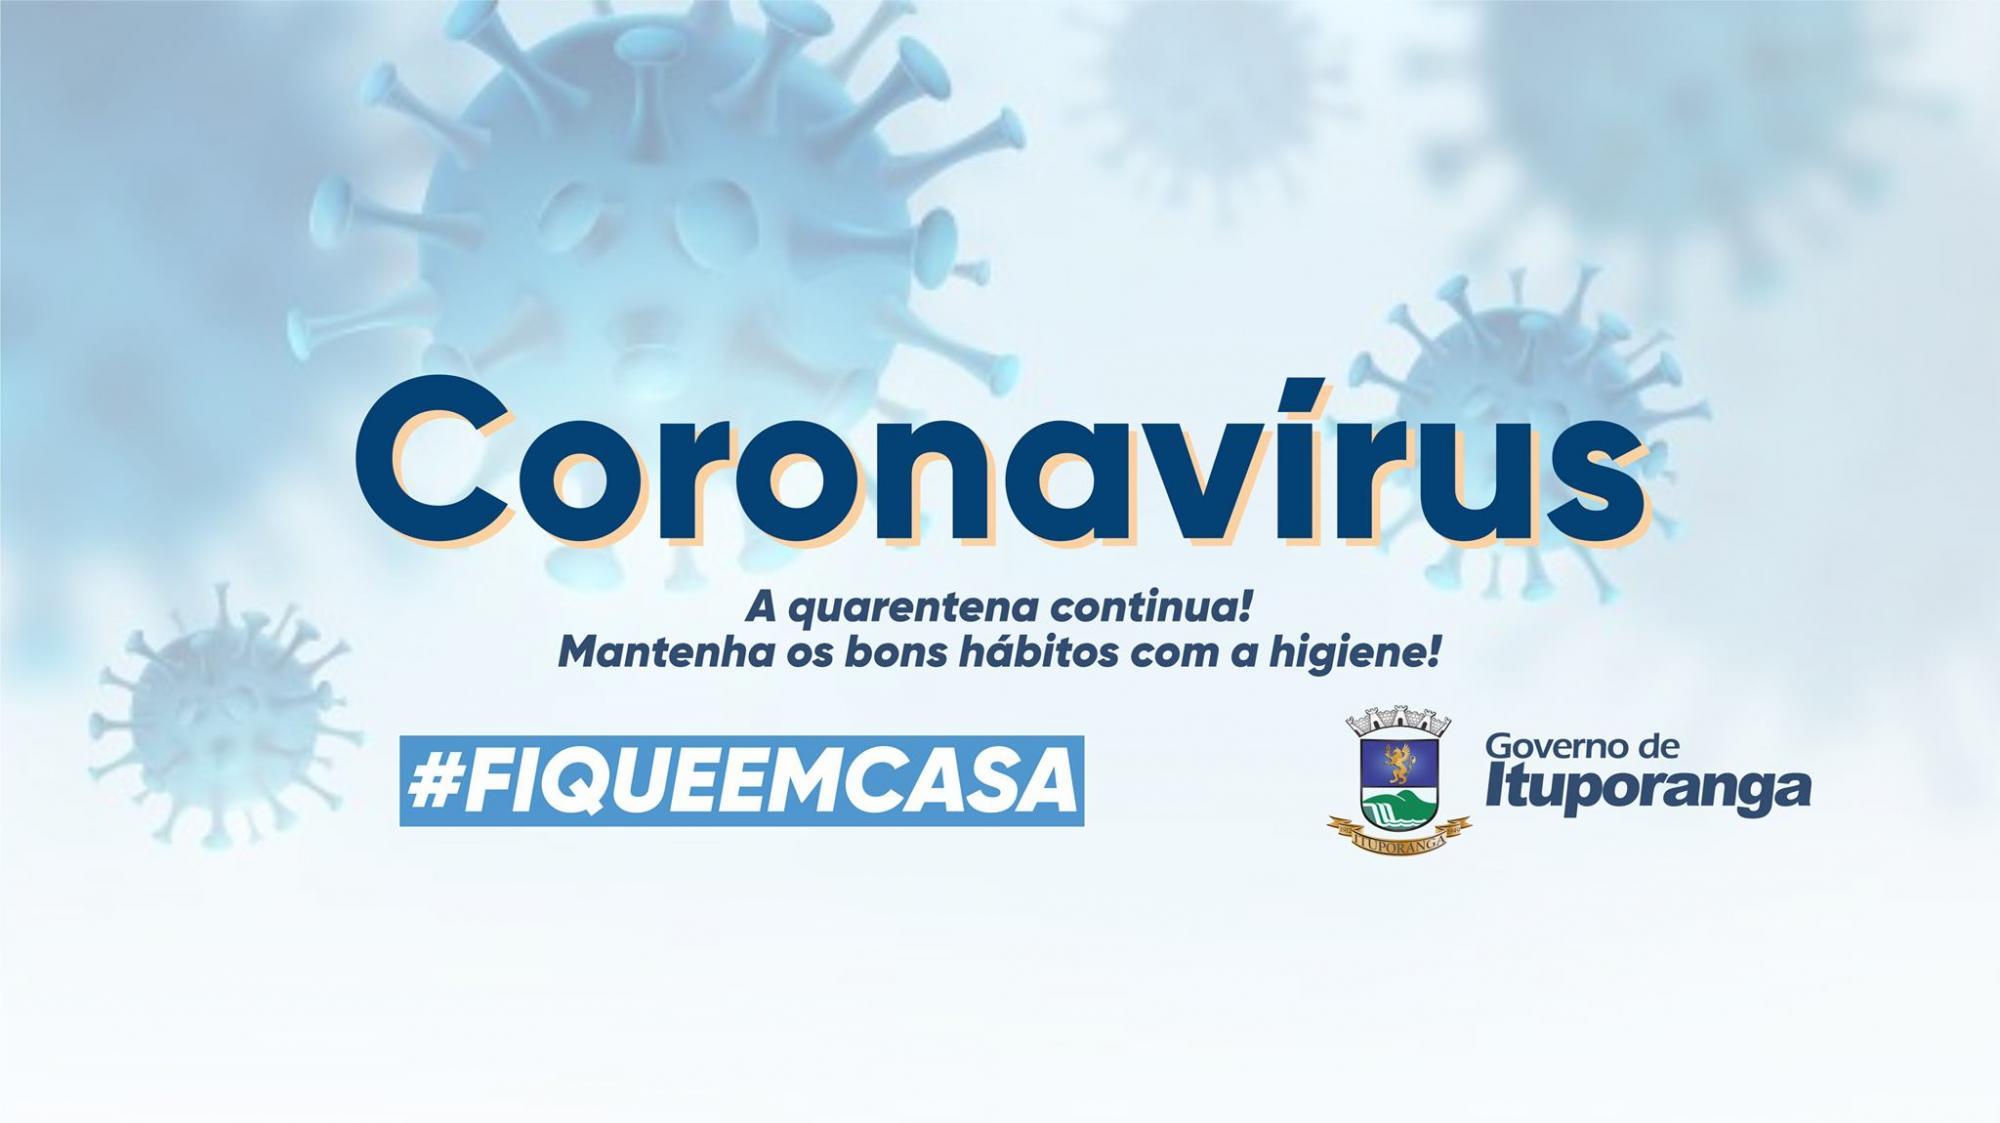 Familiares de idoso diagnosticado com coronavírus são colocados em isolamento em Ituporanga